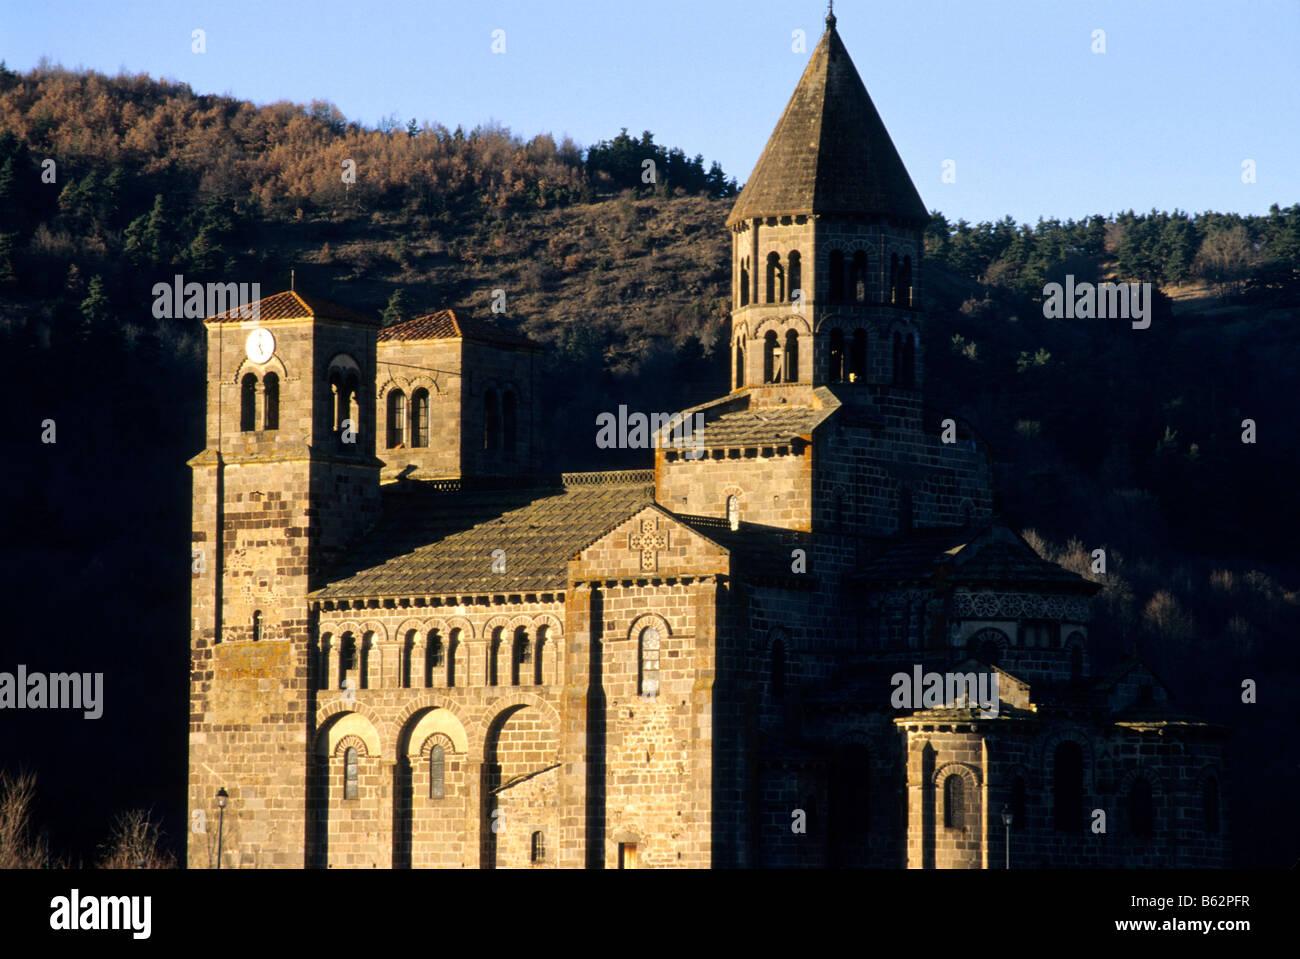 Eglise de Saint Nectaire . Puy de Dôme. L'Auvergne. France Banque D'Images